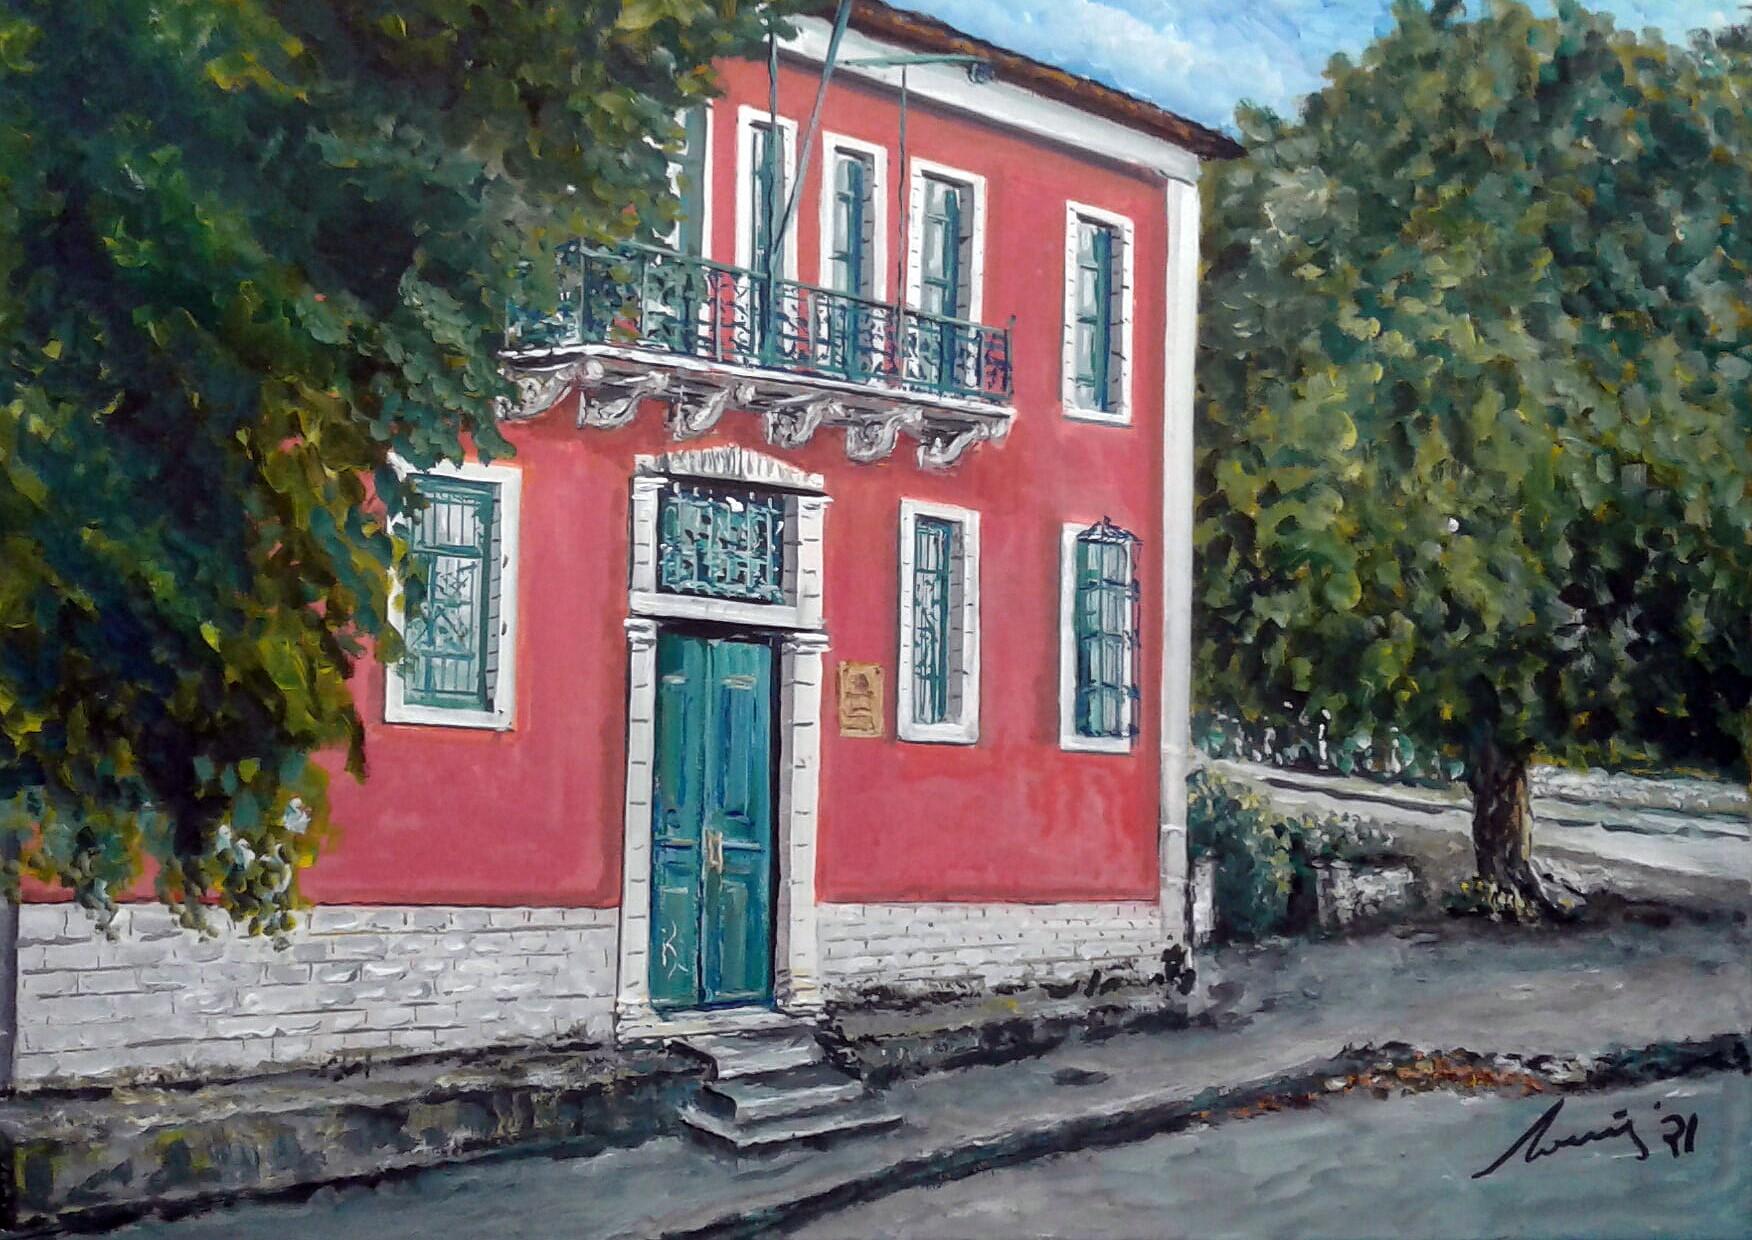 Ιωάννινα-Έκθεση ζωγραφικής του Λουκά Λούκα     «Εικαστικές Αναδρομές. Νεοκλασικά και Ιστορικά Κτήρια της πόλης μας»